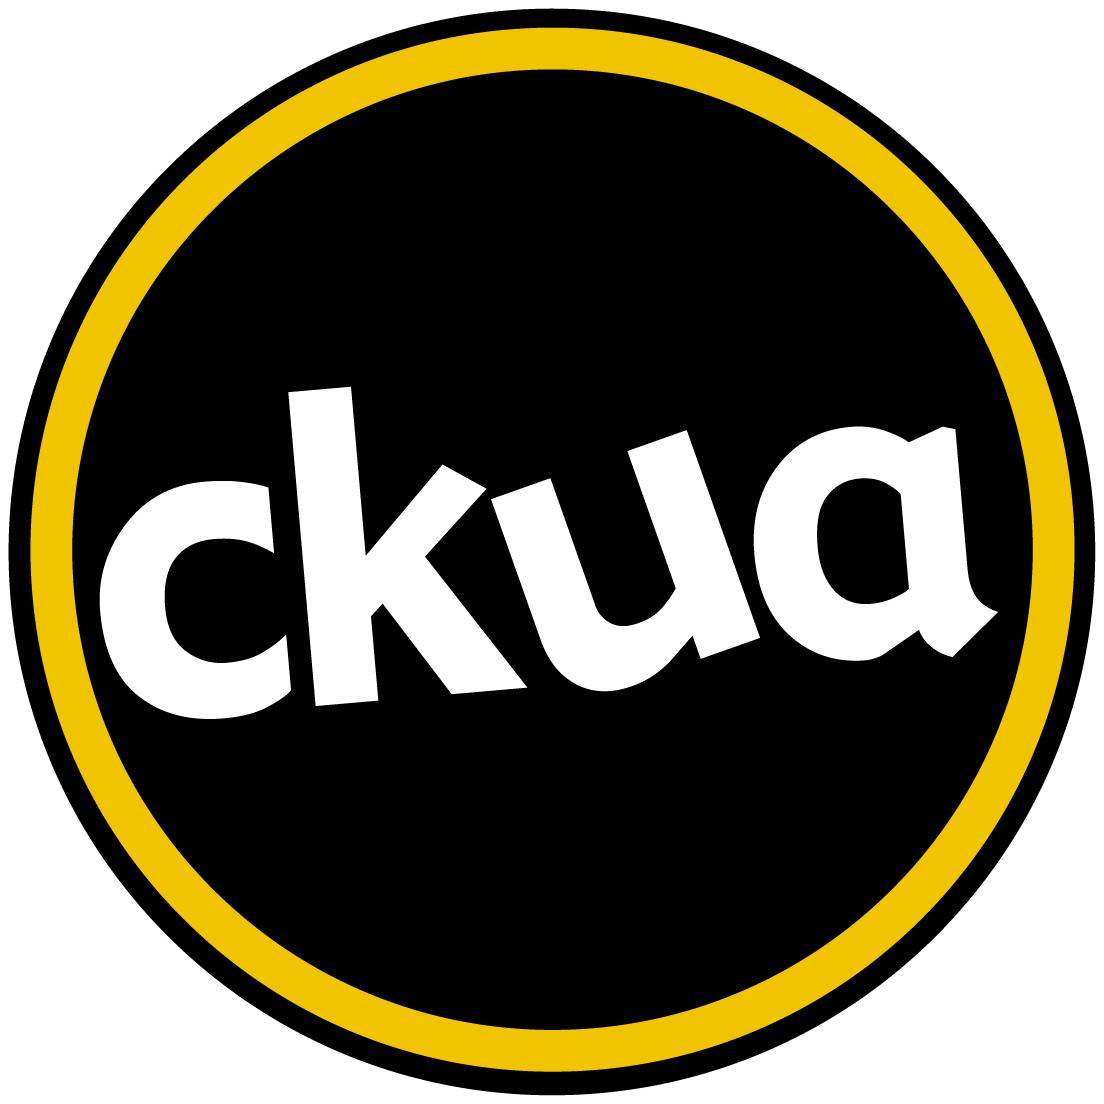 CKUA_BadgeLogo_Colour.png